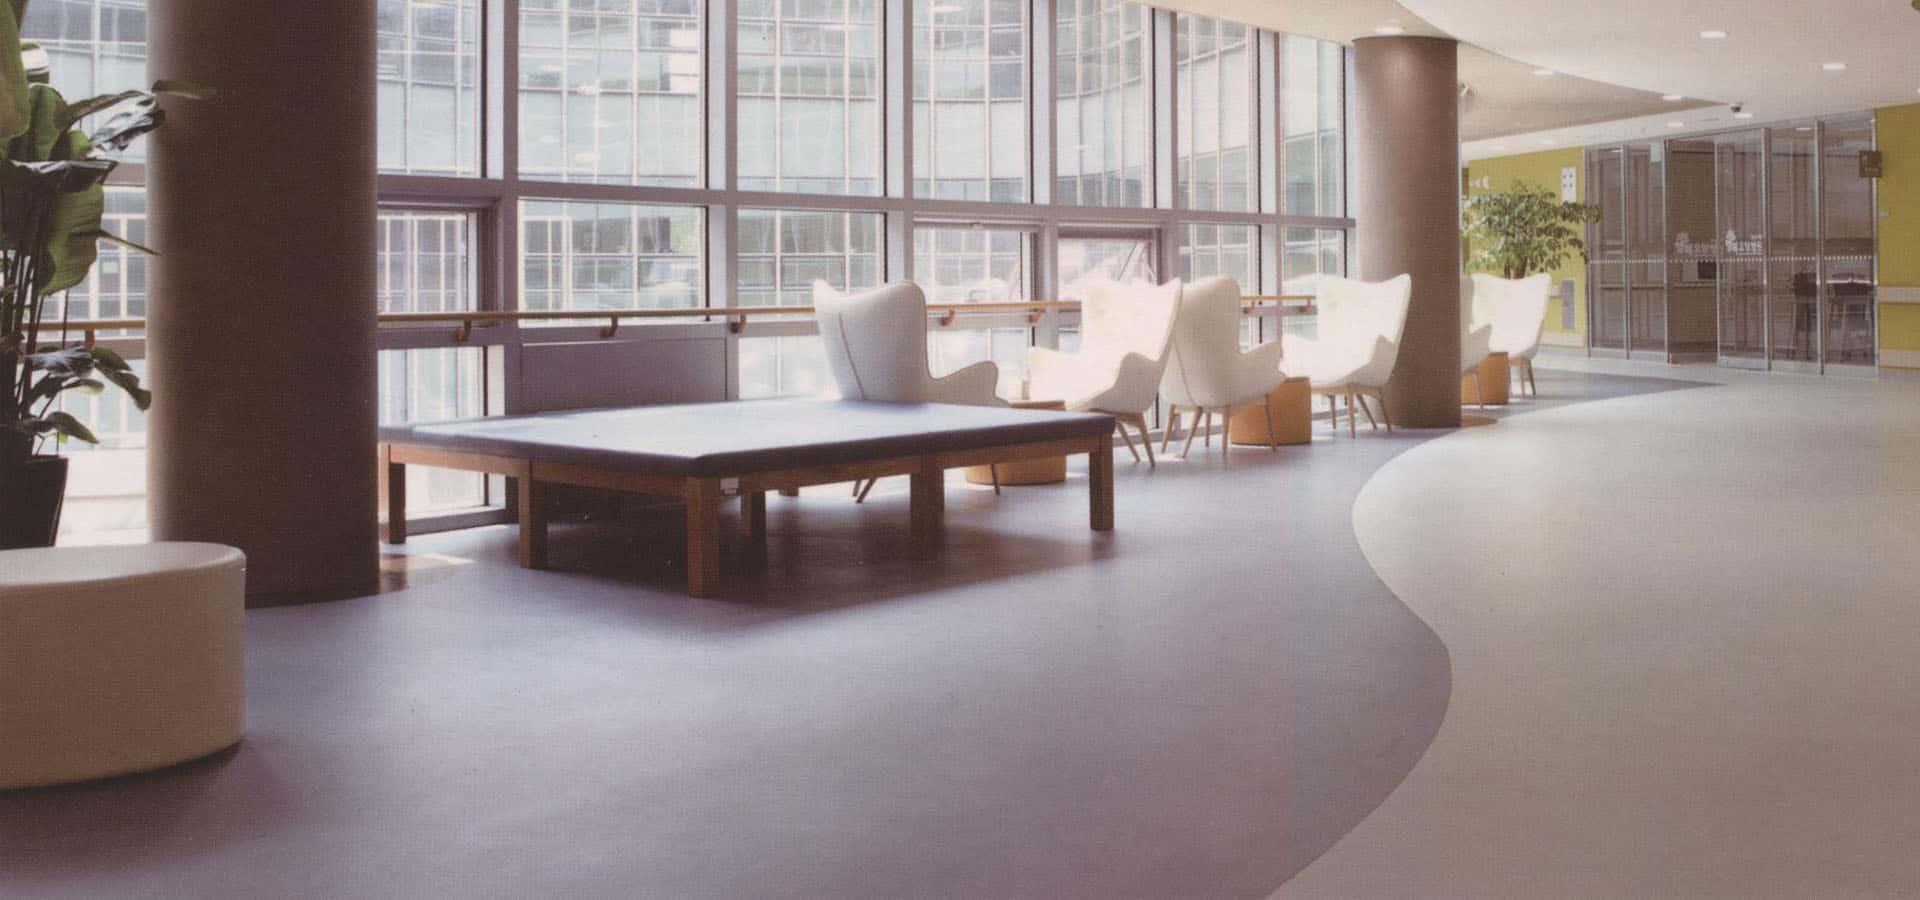 pisos-vinilicos-premium-flooring-collection-slide-000